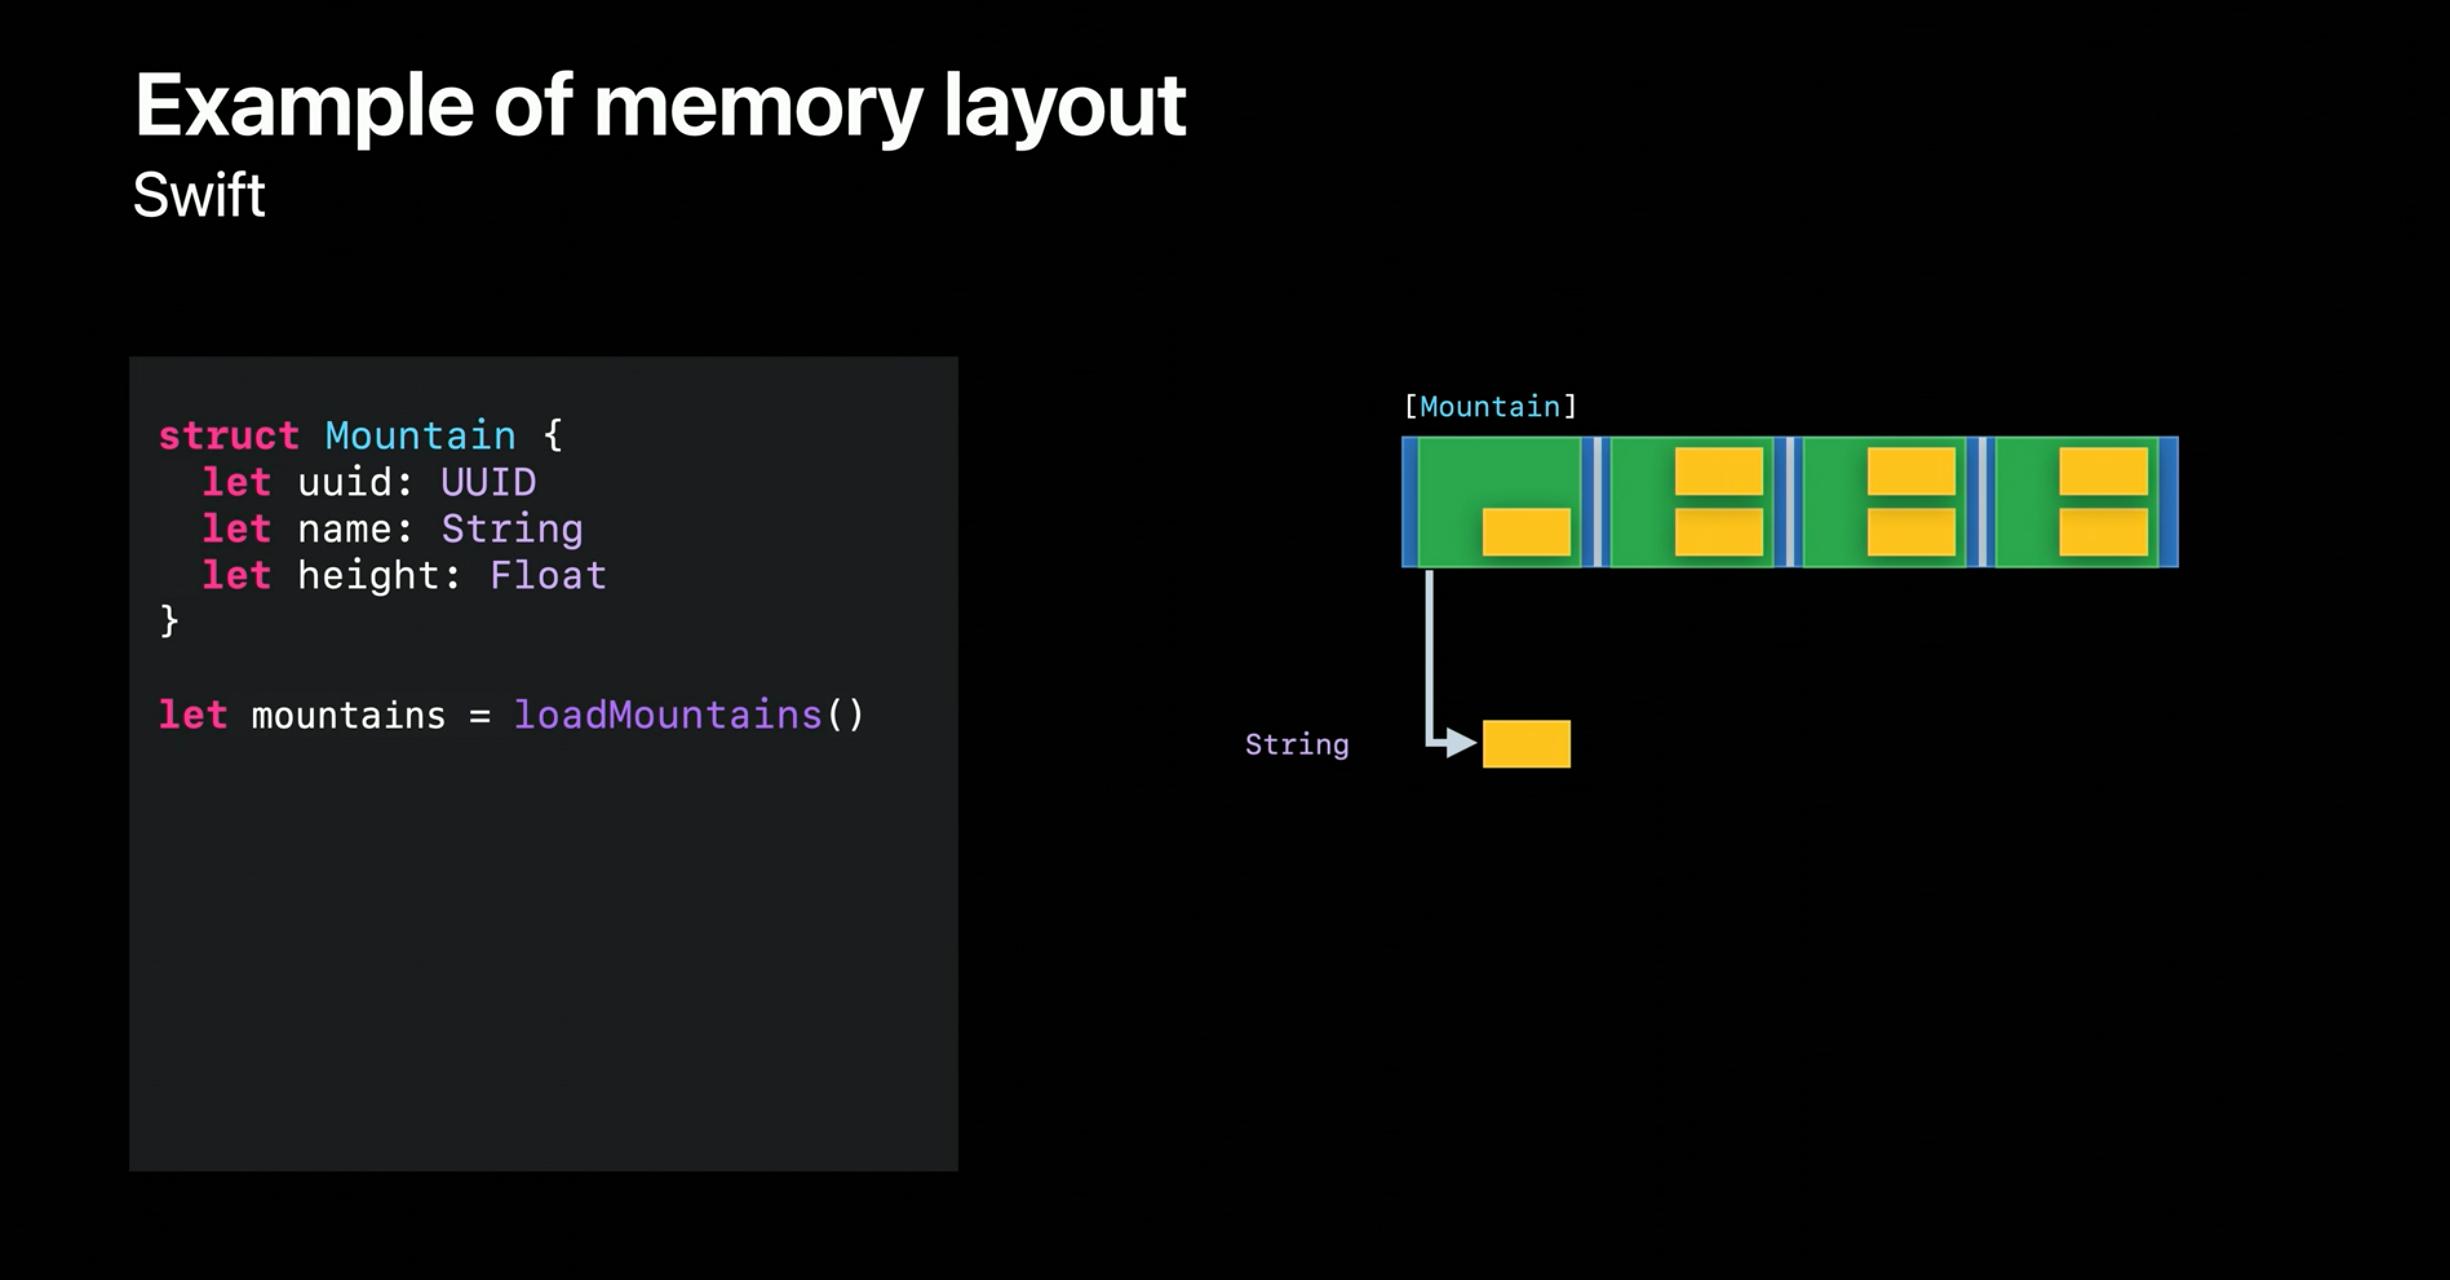 swift-memory-layout